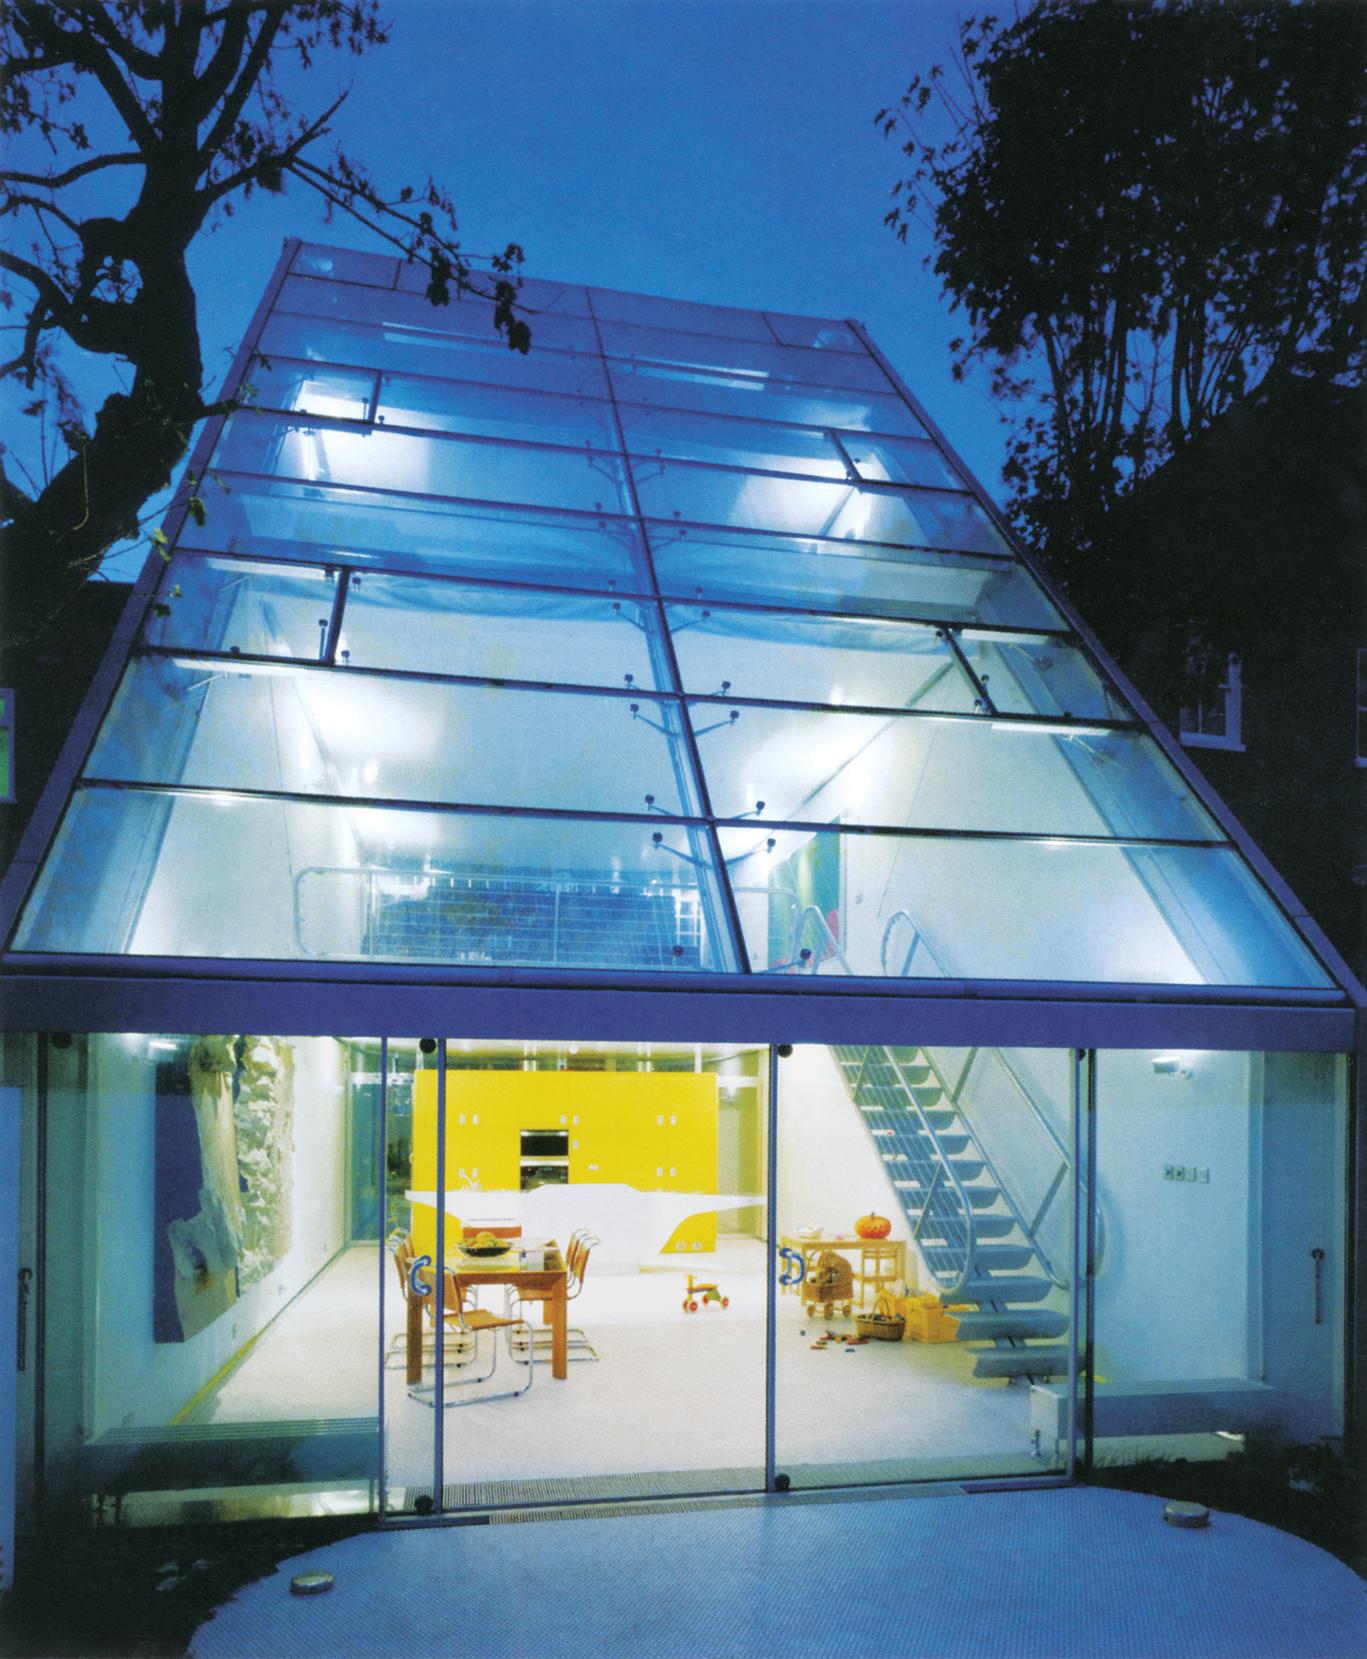 تصاویر این صفحه: فیوچر سیستمز، خانهی هاؤئِر-کینگ؛ لندن، انگلیس، 1994